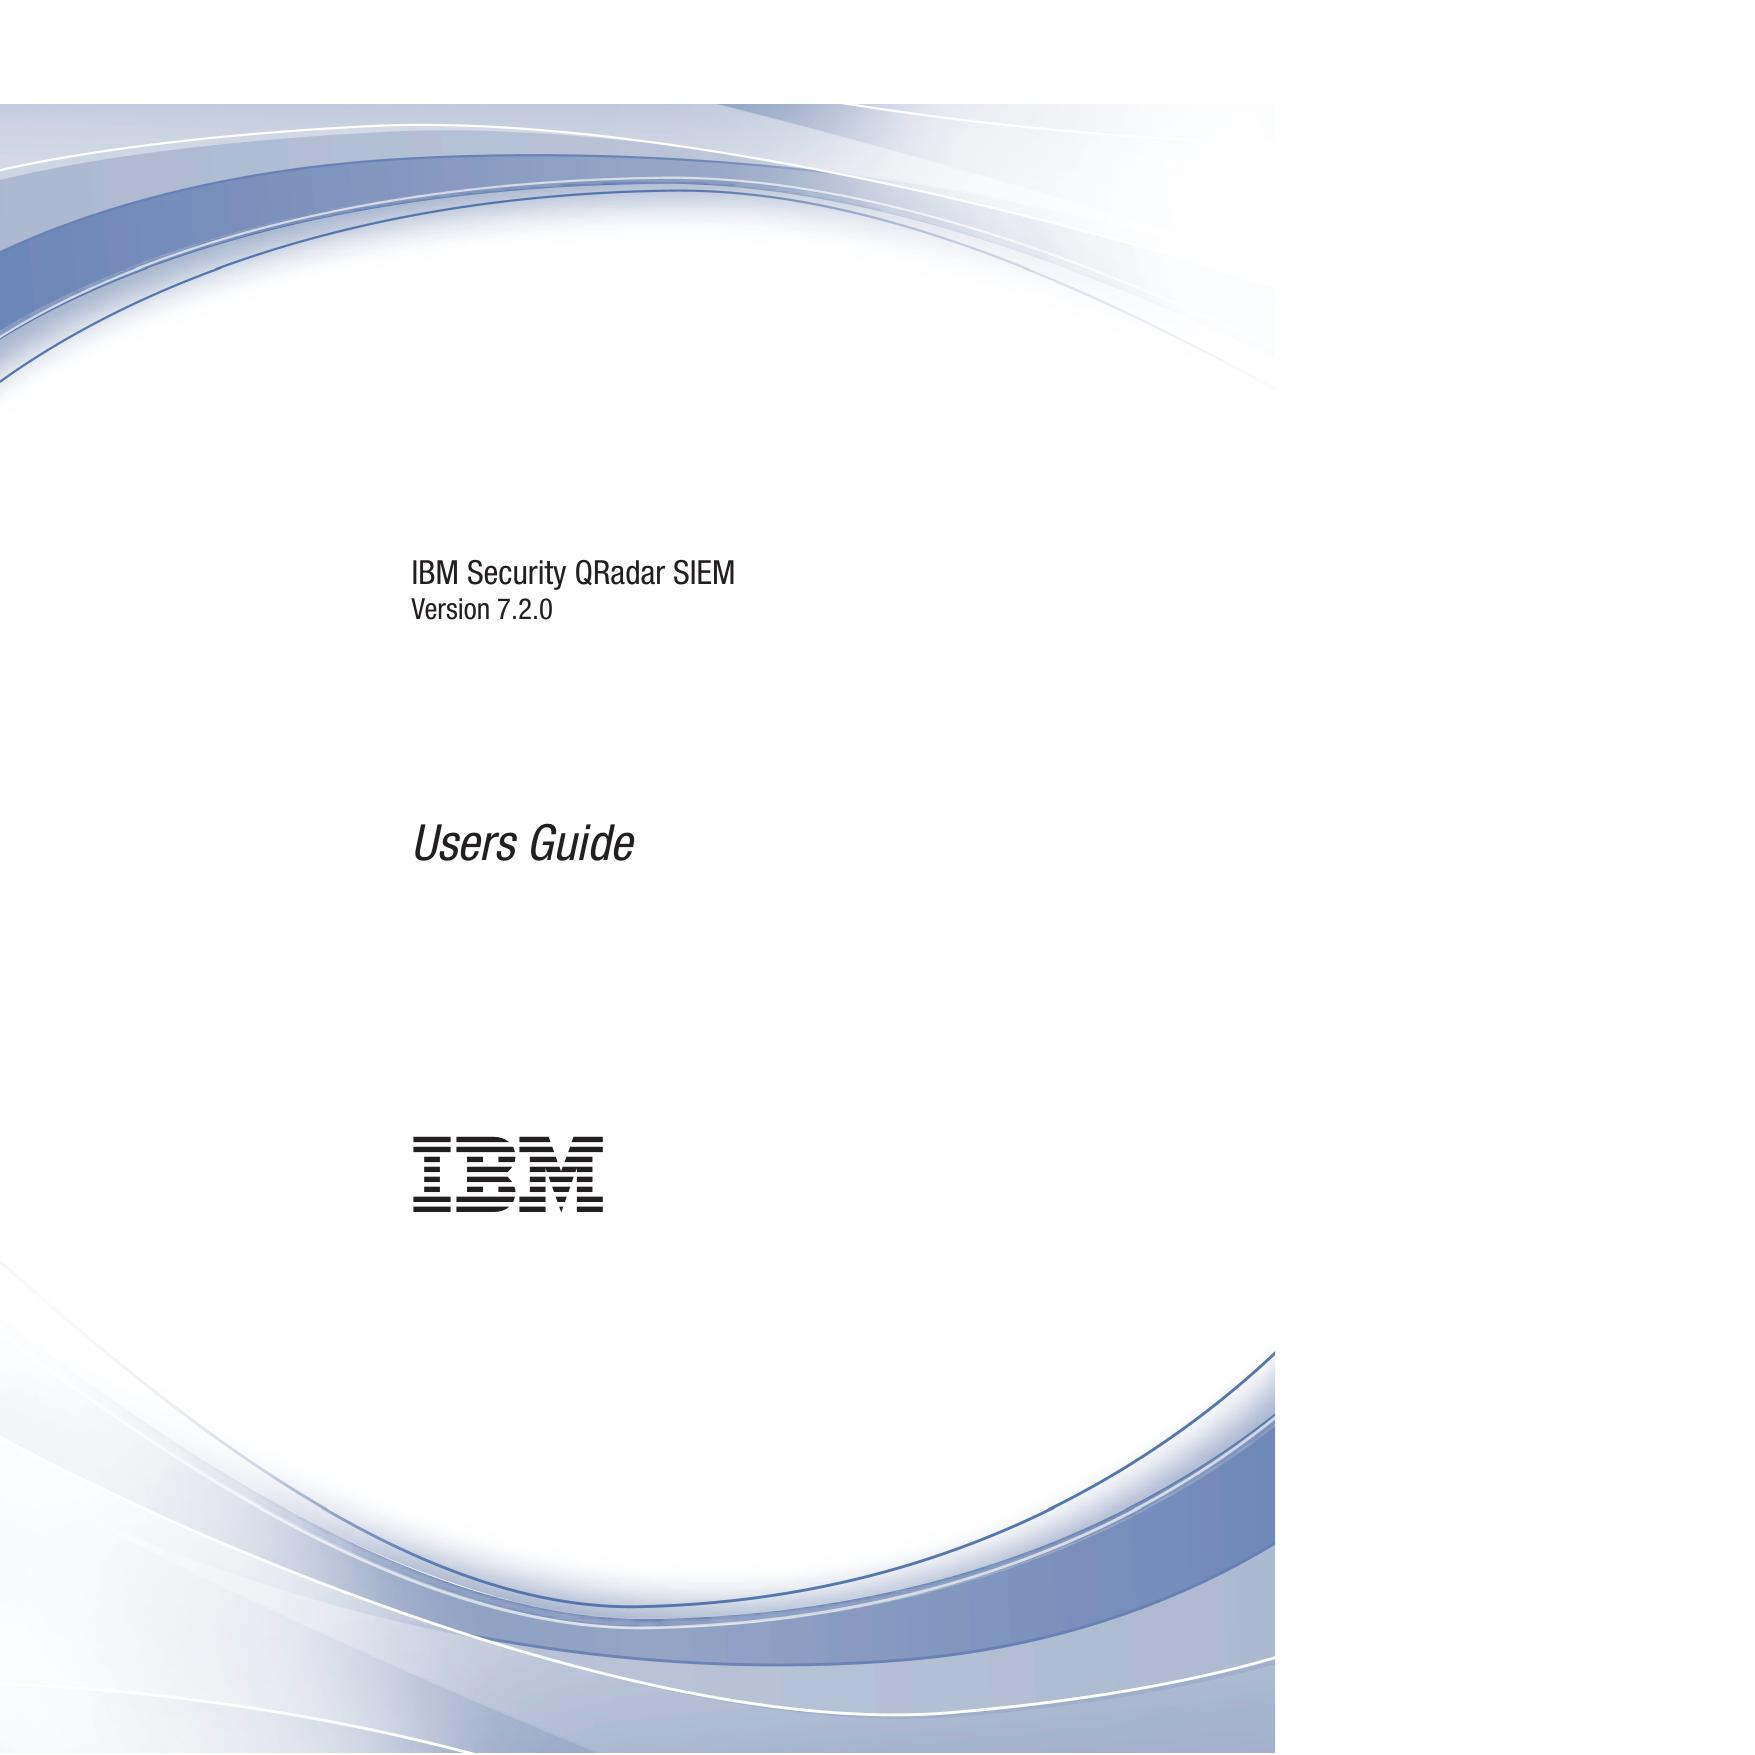 IBM Security QRadar SIEM Users Guide | manualzz com